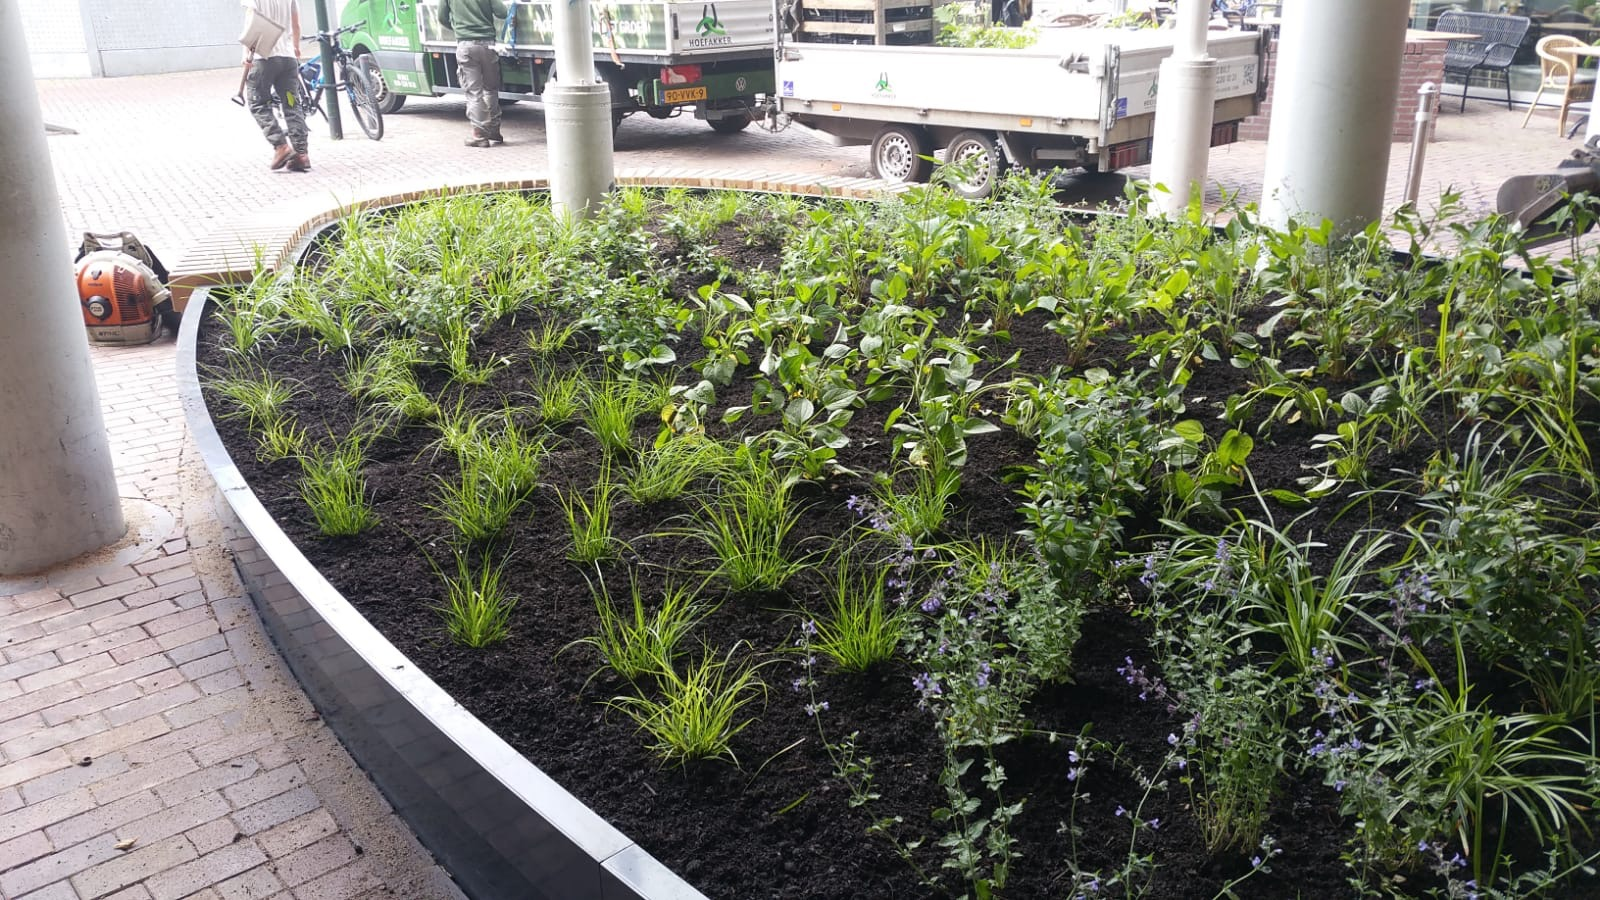 Hoefakker buitenruimte beplantingsplan cortenstalen bak Hilversum (4)